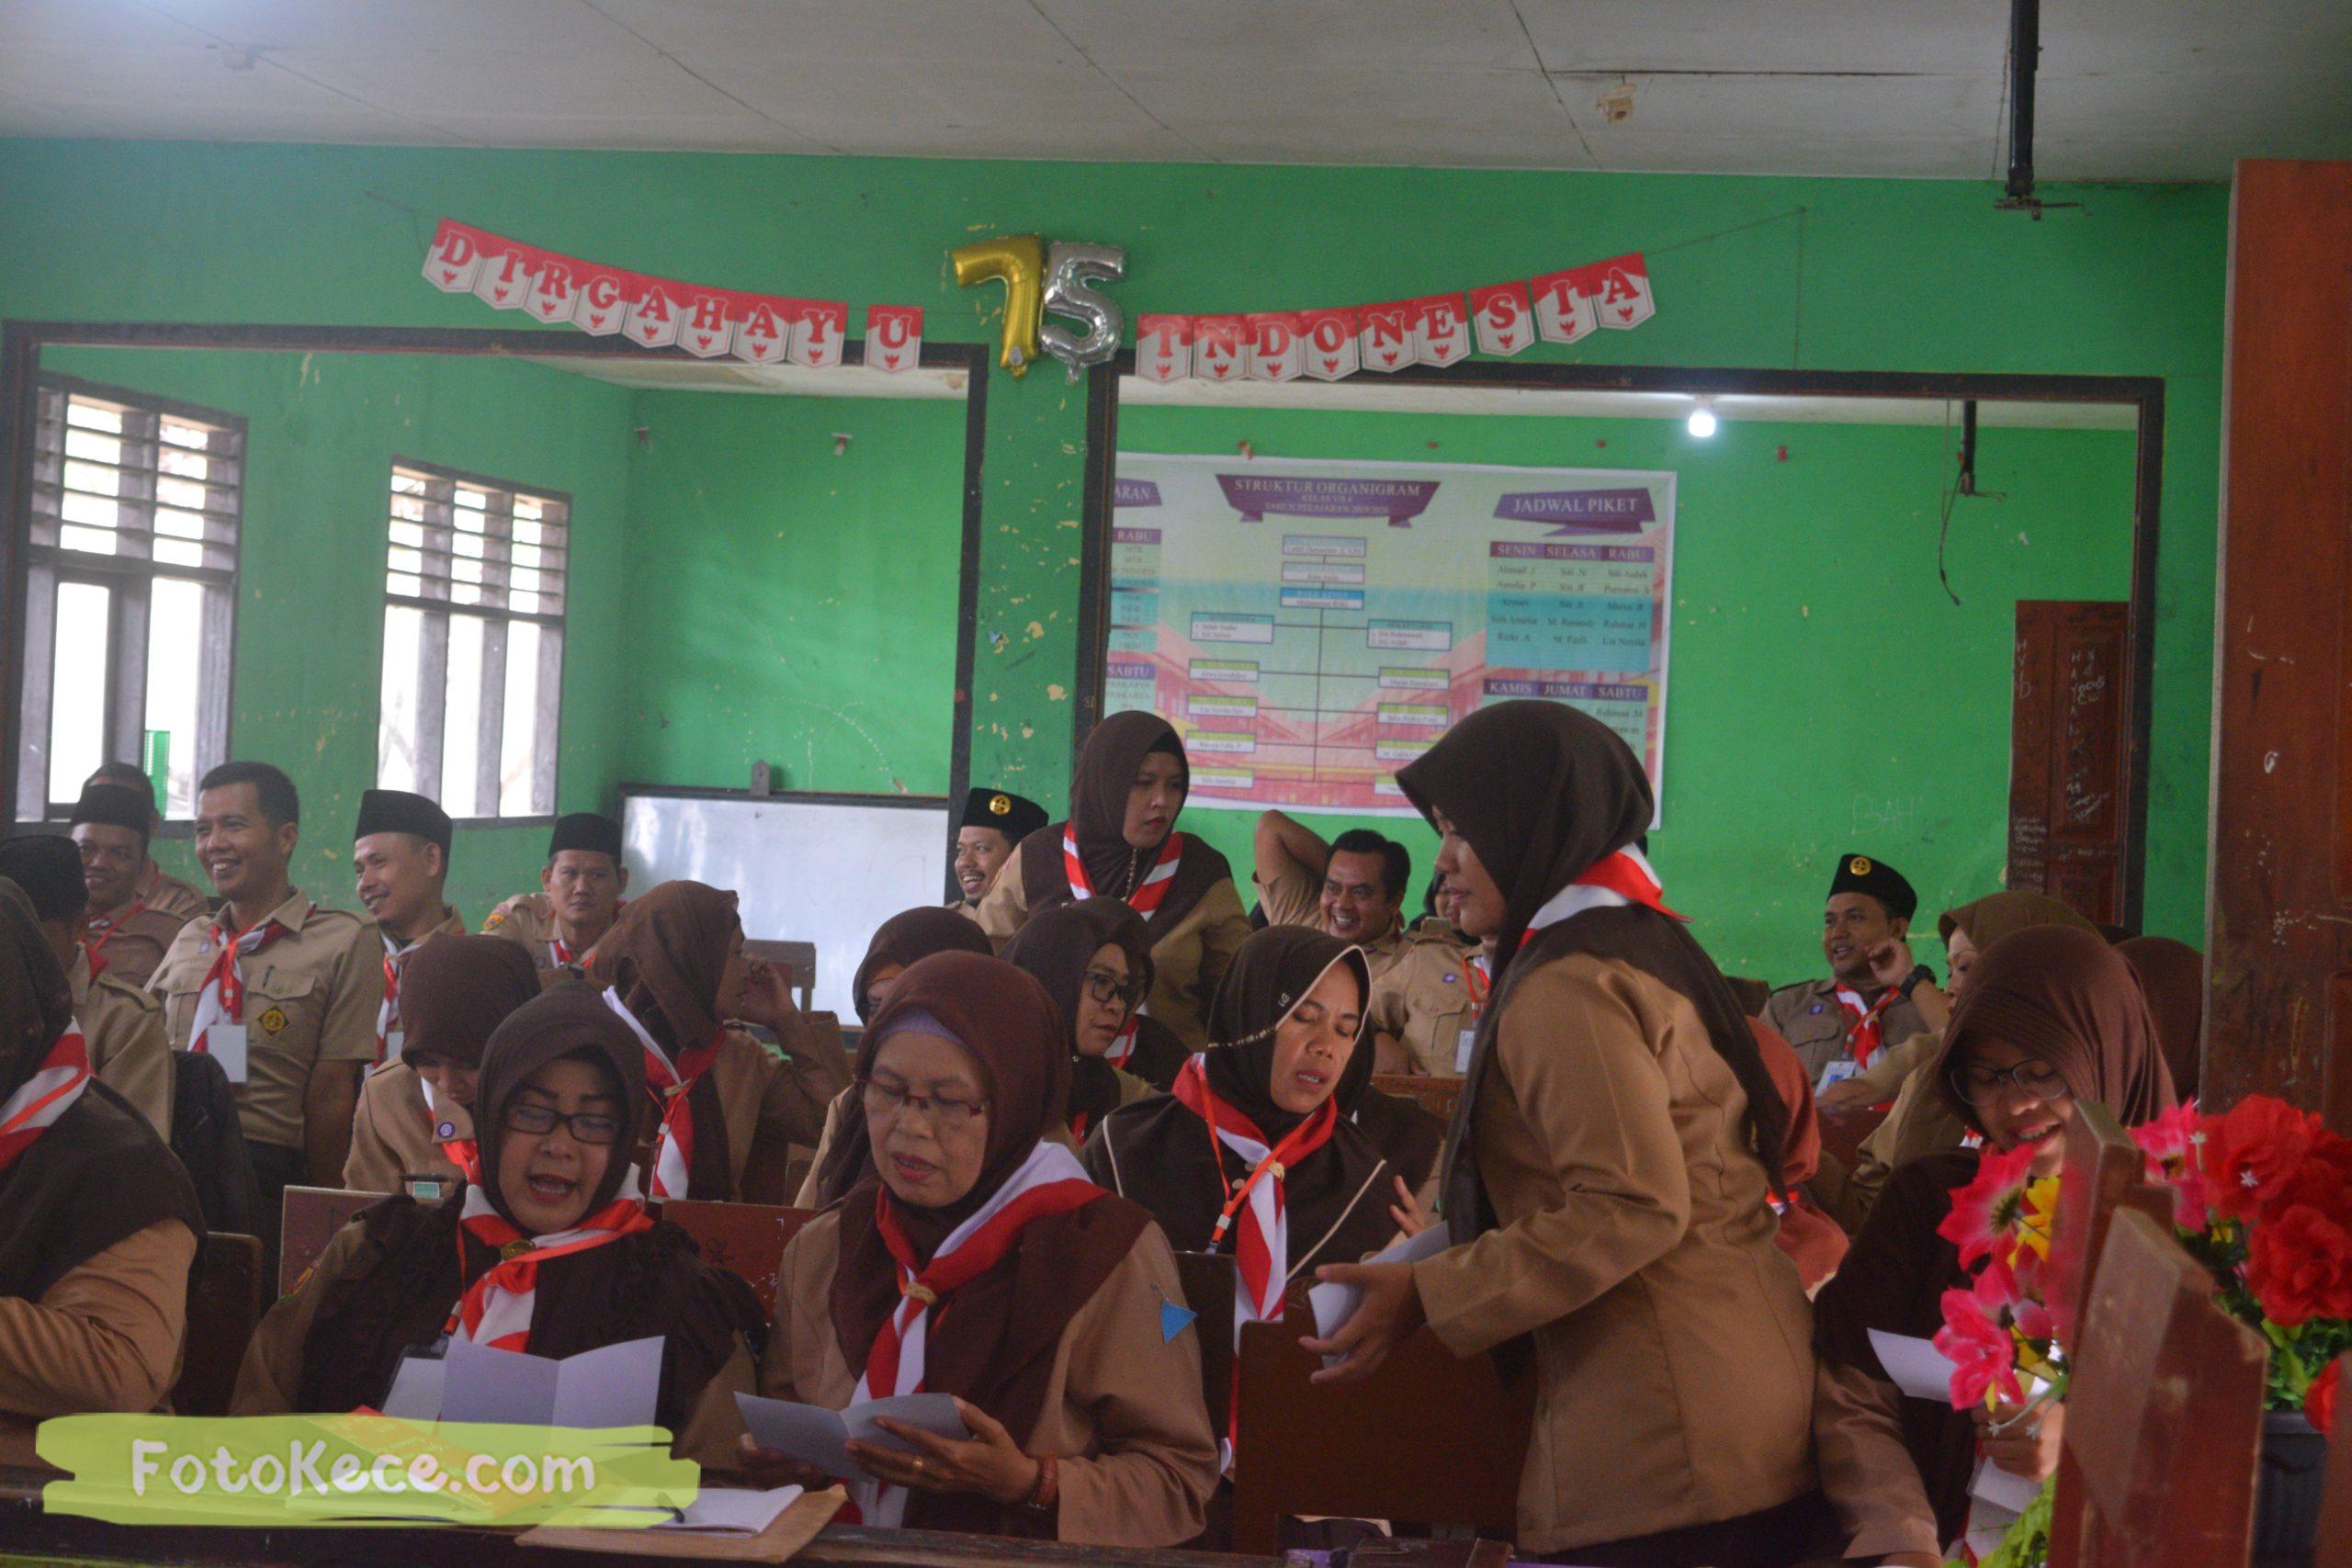 indoor kursus pembina mahir tingkat dasar kmd kwartir ranting surade 2019 fotokece Des 2019 13 scaled